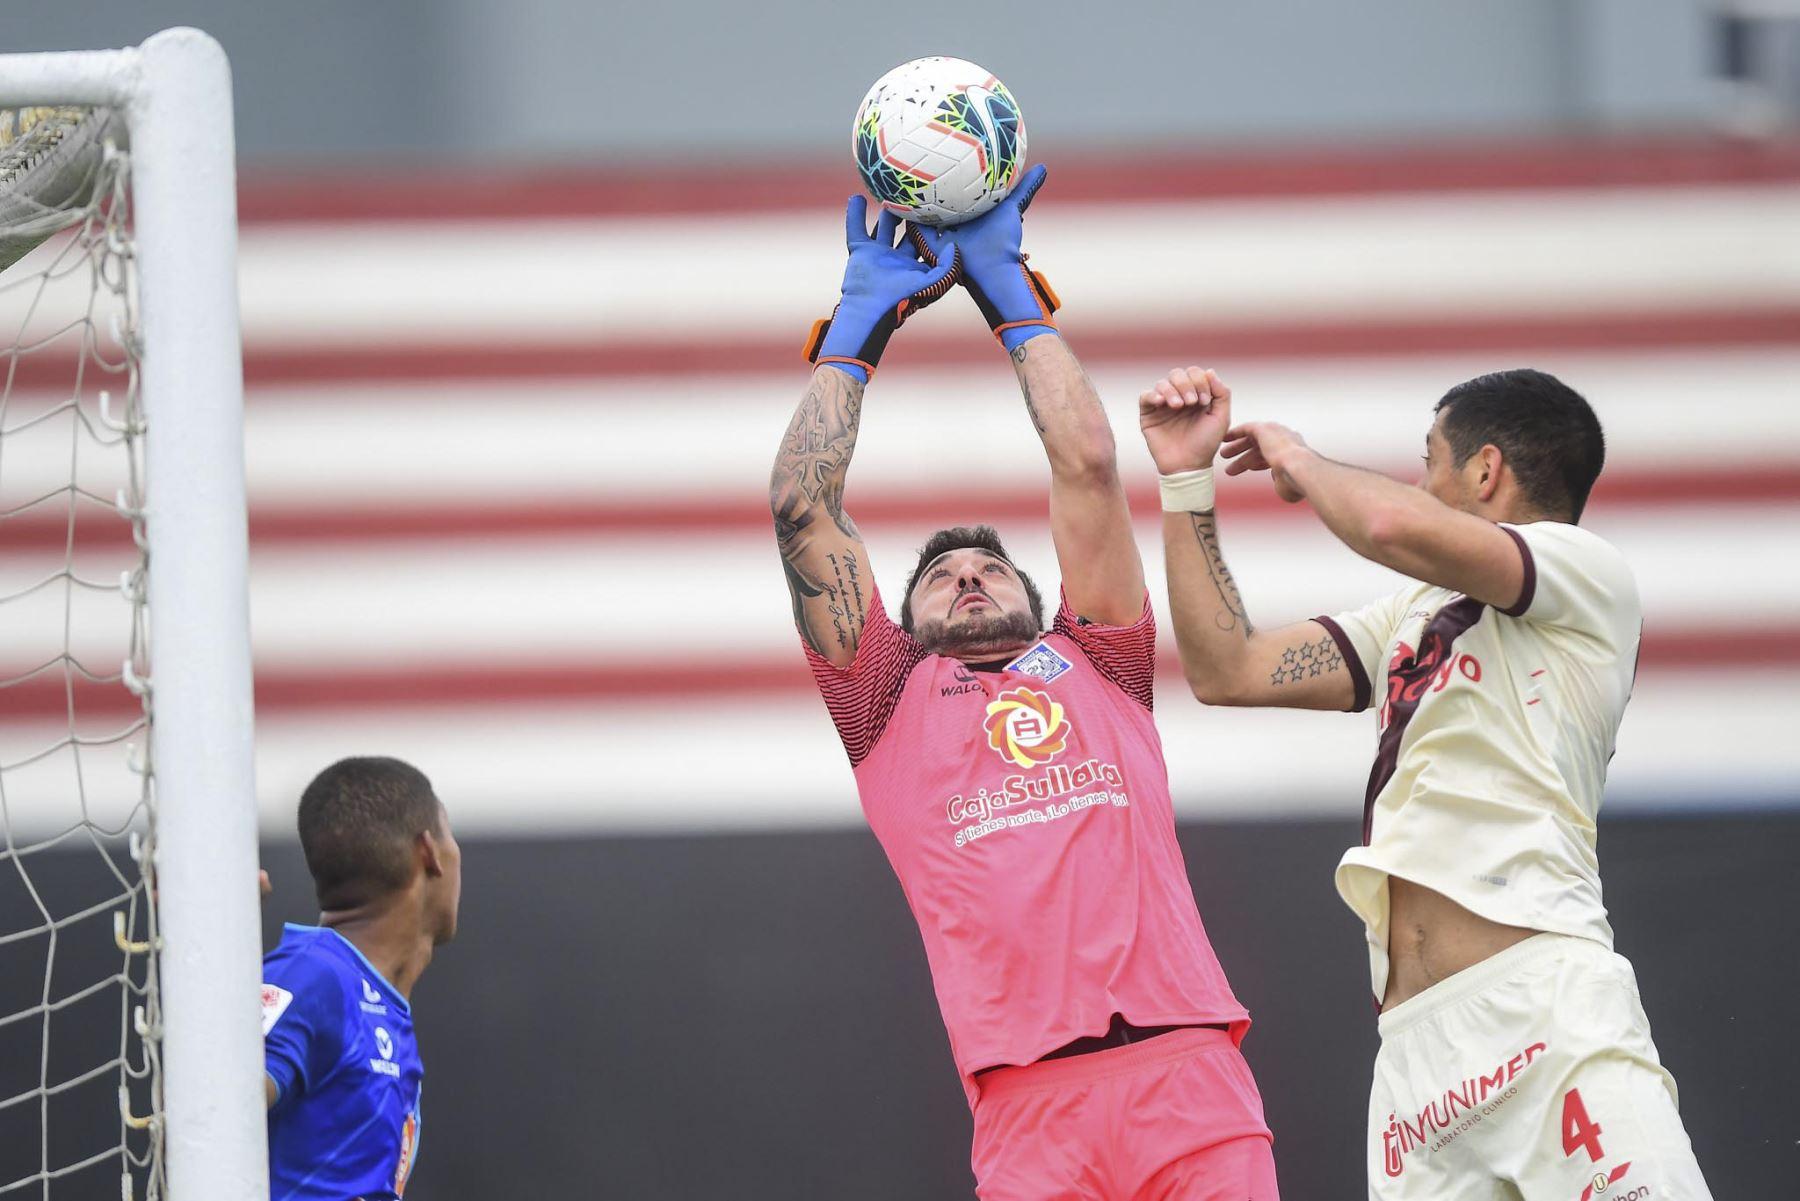 El portero I. Barrios de Alianza Atlético intenta controlar el remate de Universitario durante partido por la primera fecha de la Liga 1, en el Estadio Miguel Grau de Callao. Foto: Liga 1